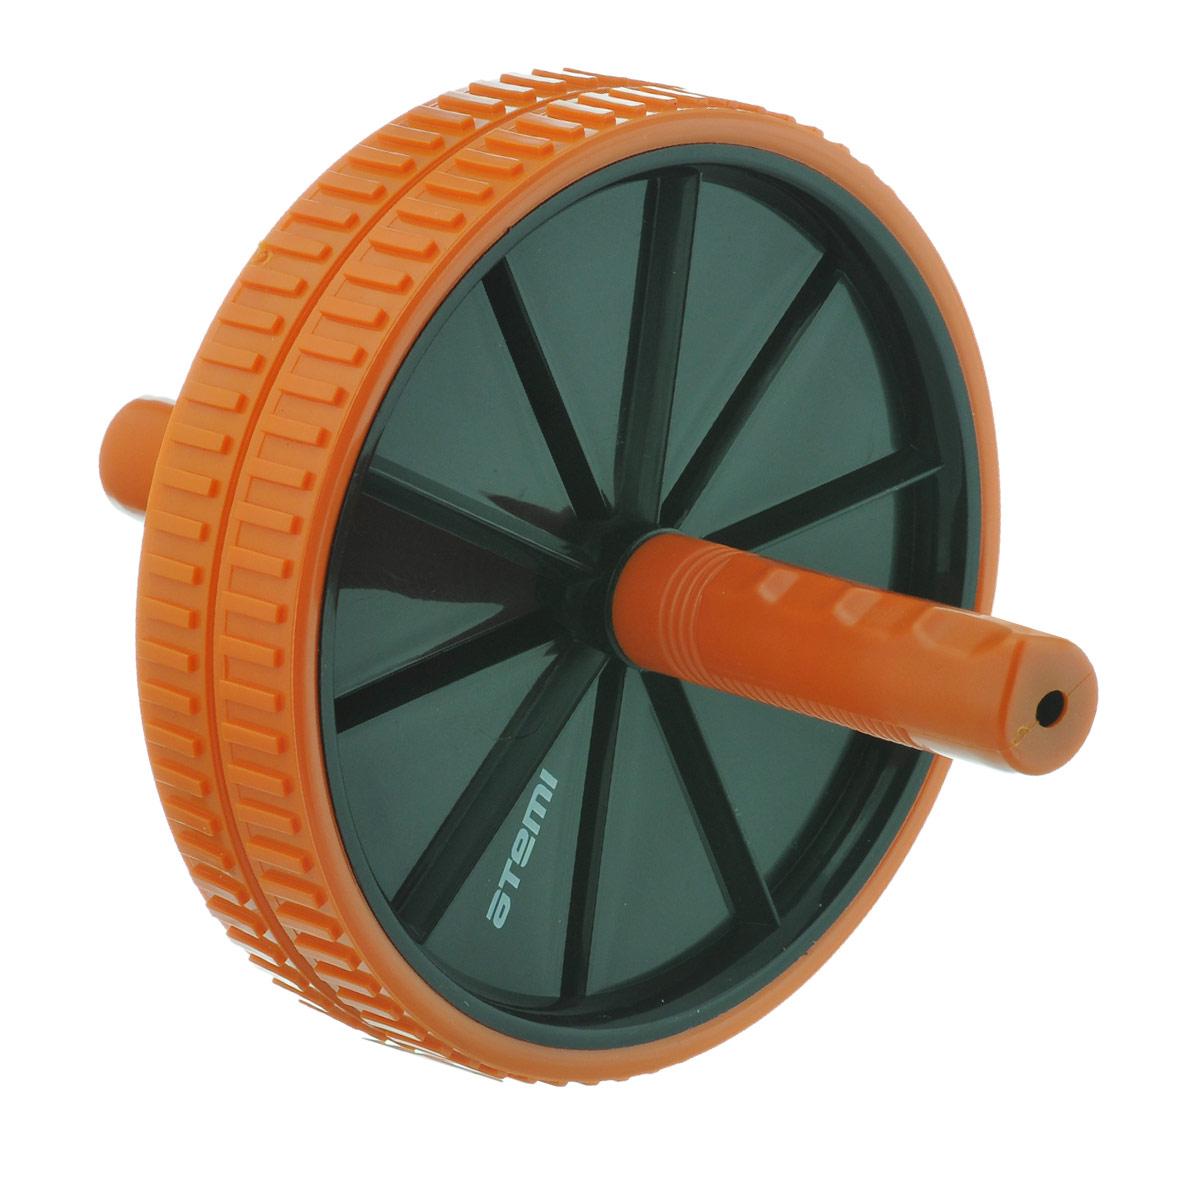 Ролик для пресса Atemi, цвет: черный оранжевый89499Ролик-каток гимнастический Atemi позволяет эффективно тренировать мышцы рук, плеч, пресса, бедер, спины. Это замечательный снаряд для силового тренинга в домашних условиях. Позволяет делать тяжелые упражнения прежде всего на верхнюю часть тела и пресс. Места практически не занимает. Удобные ручки обеспечивают максимальный комфорт во время тренировок. Обрезиненное кольцо делает движения плавными.Диаметр ролика: 18,5 см.Длина ручки: 10 см.Как выбрать кардиотренажер для похудения. Статья OZON Гид